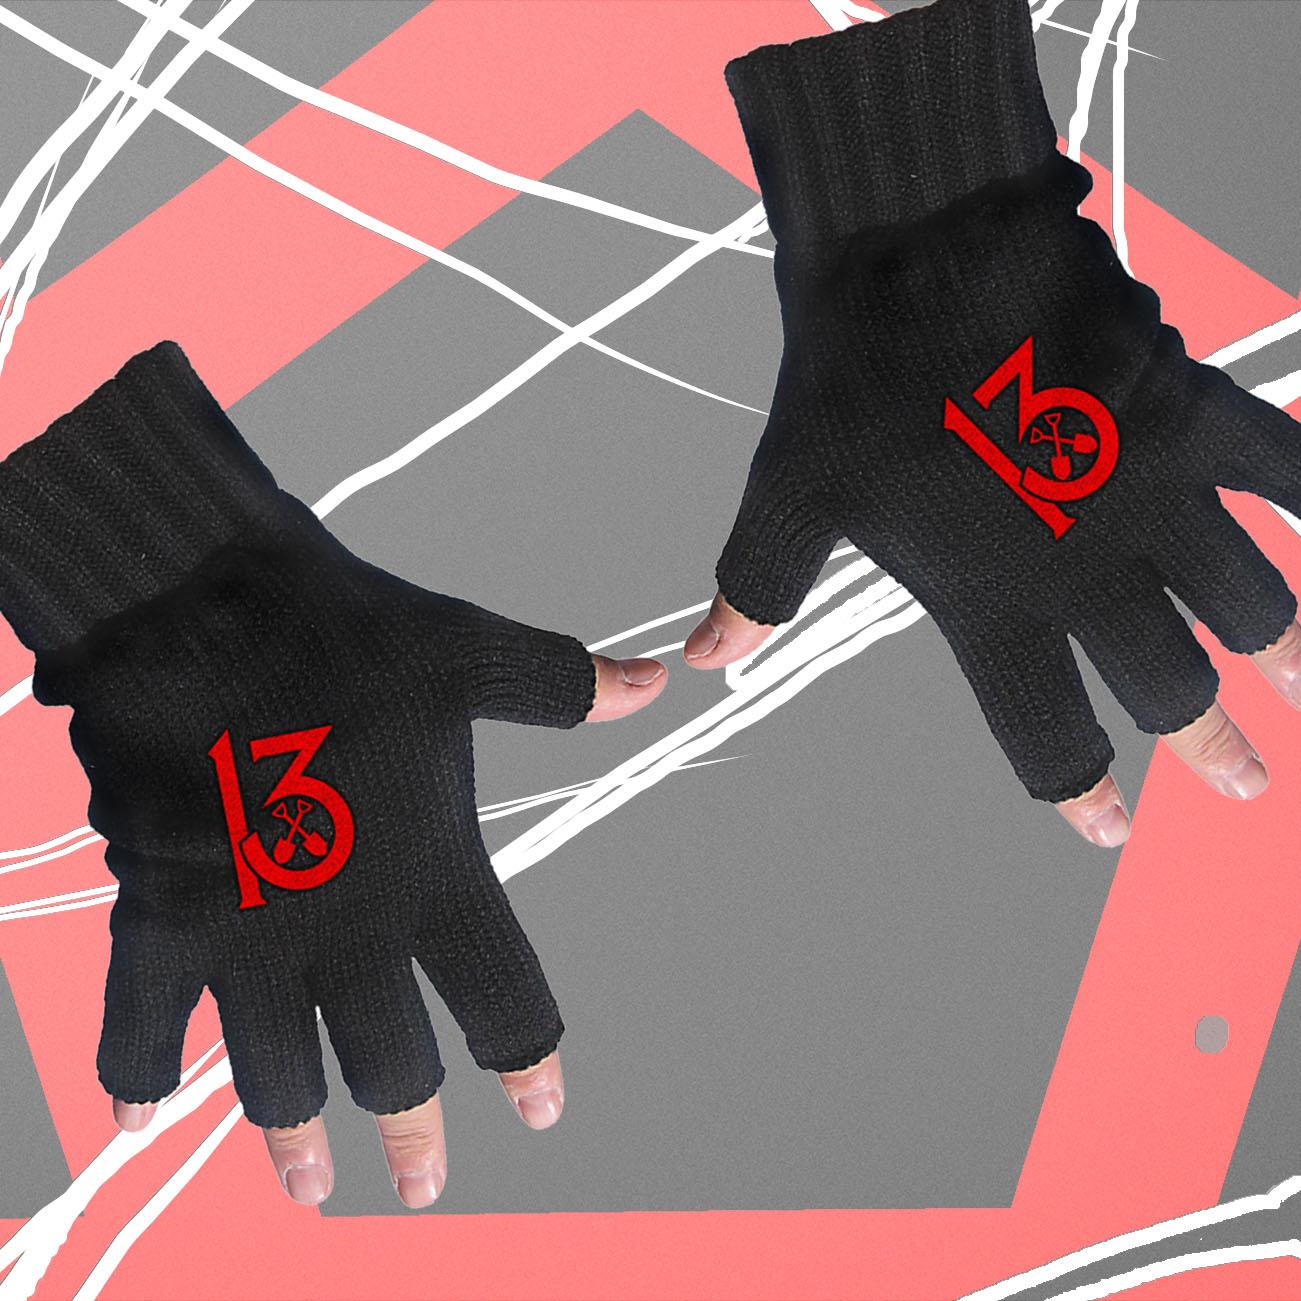 Wednesday 13 - '13' Gloves - Wednesday13